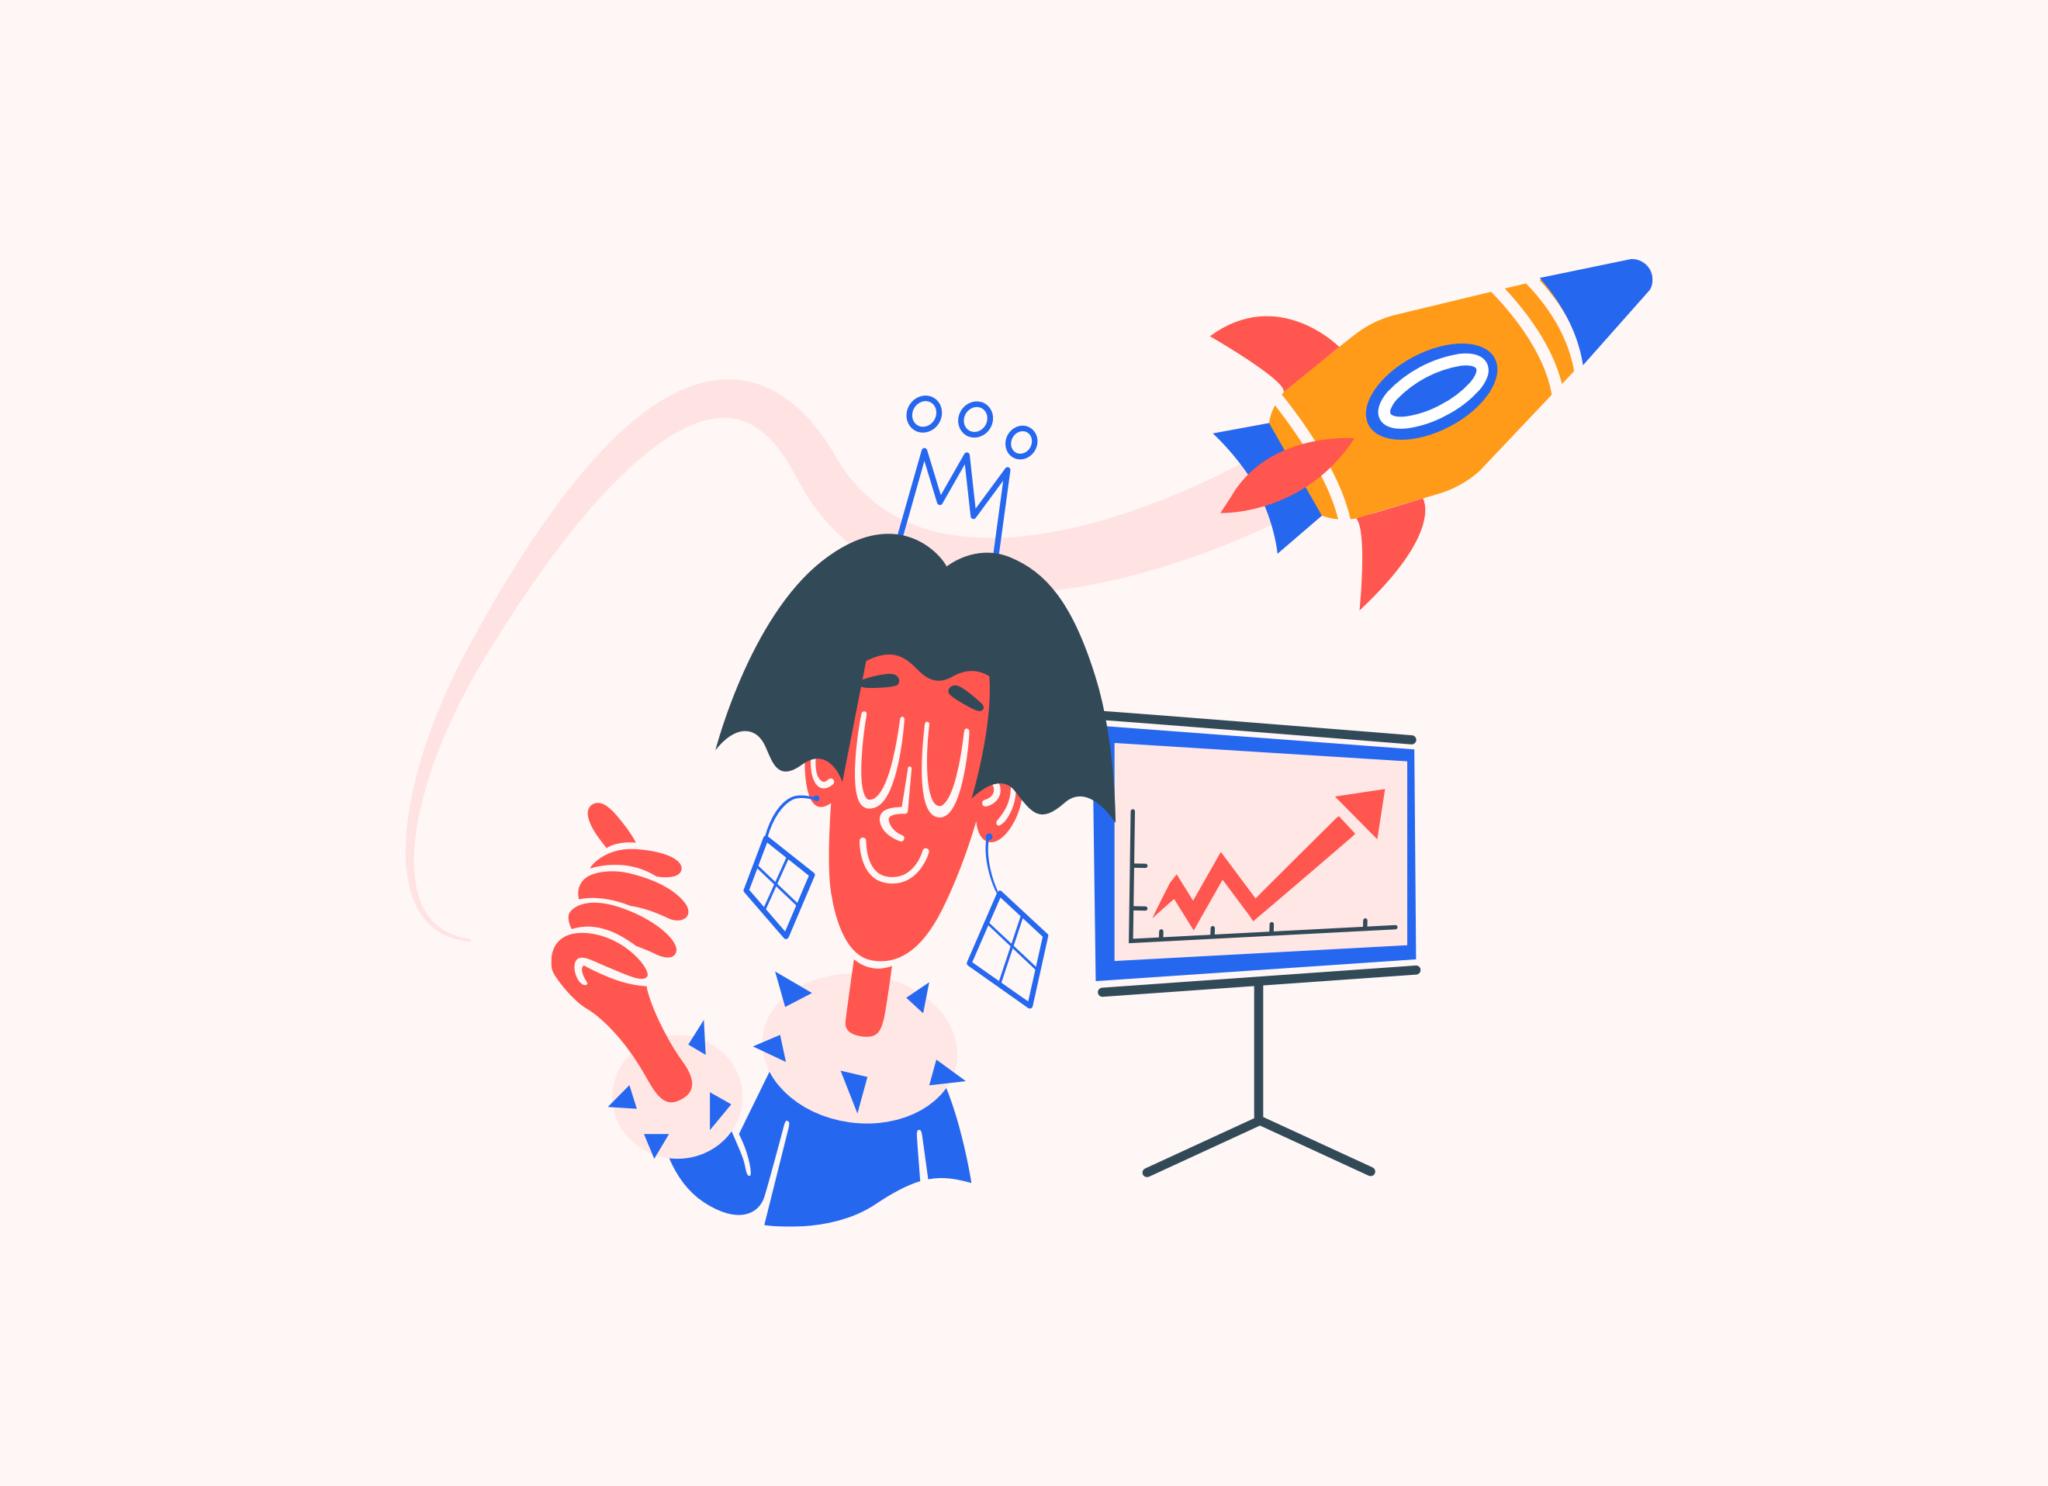 How to create a UX portfolio presentation to get your dream job